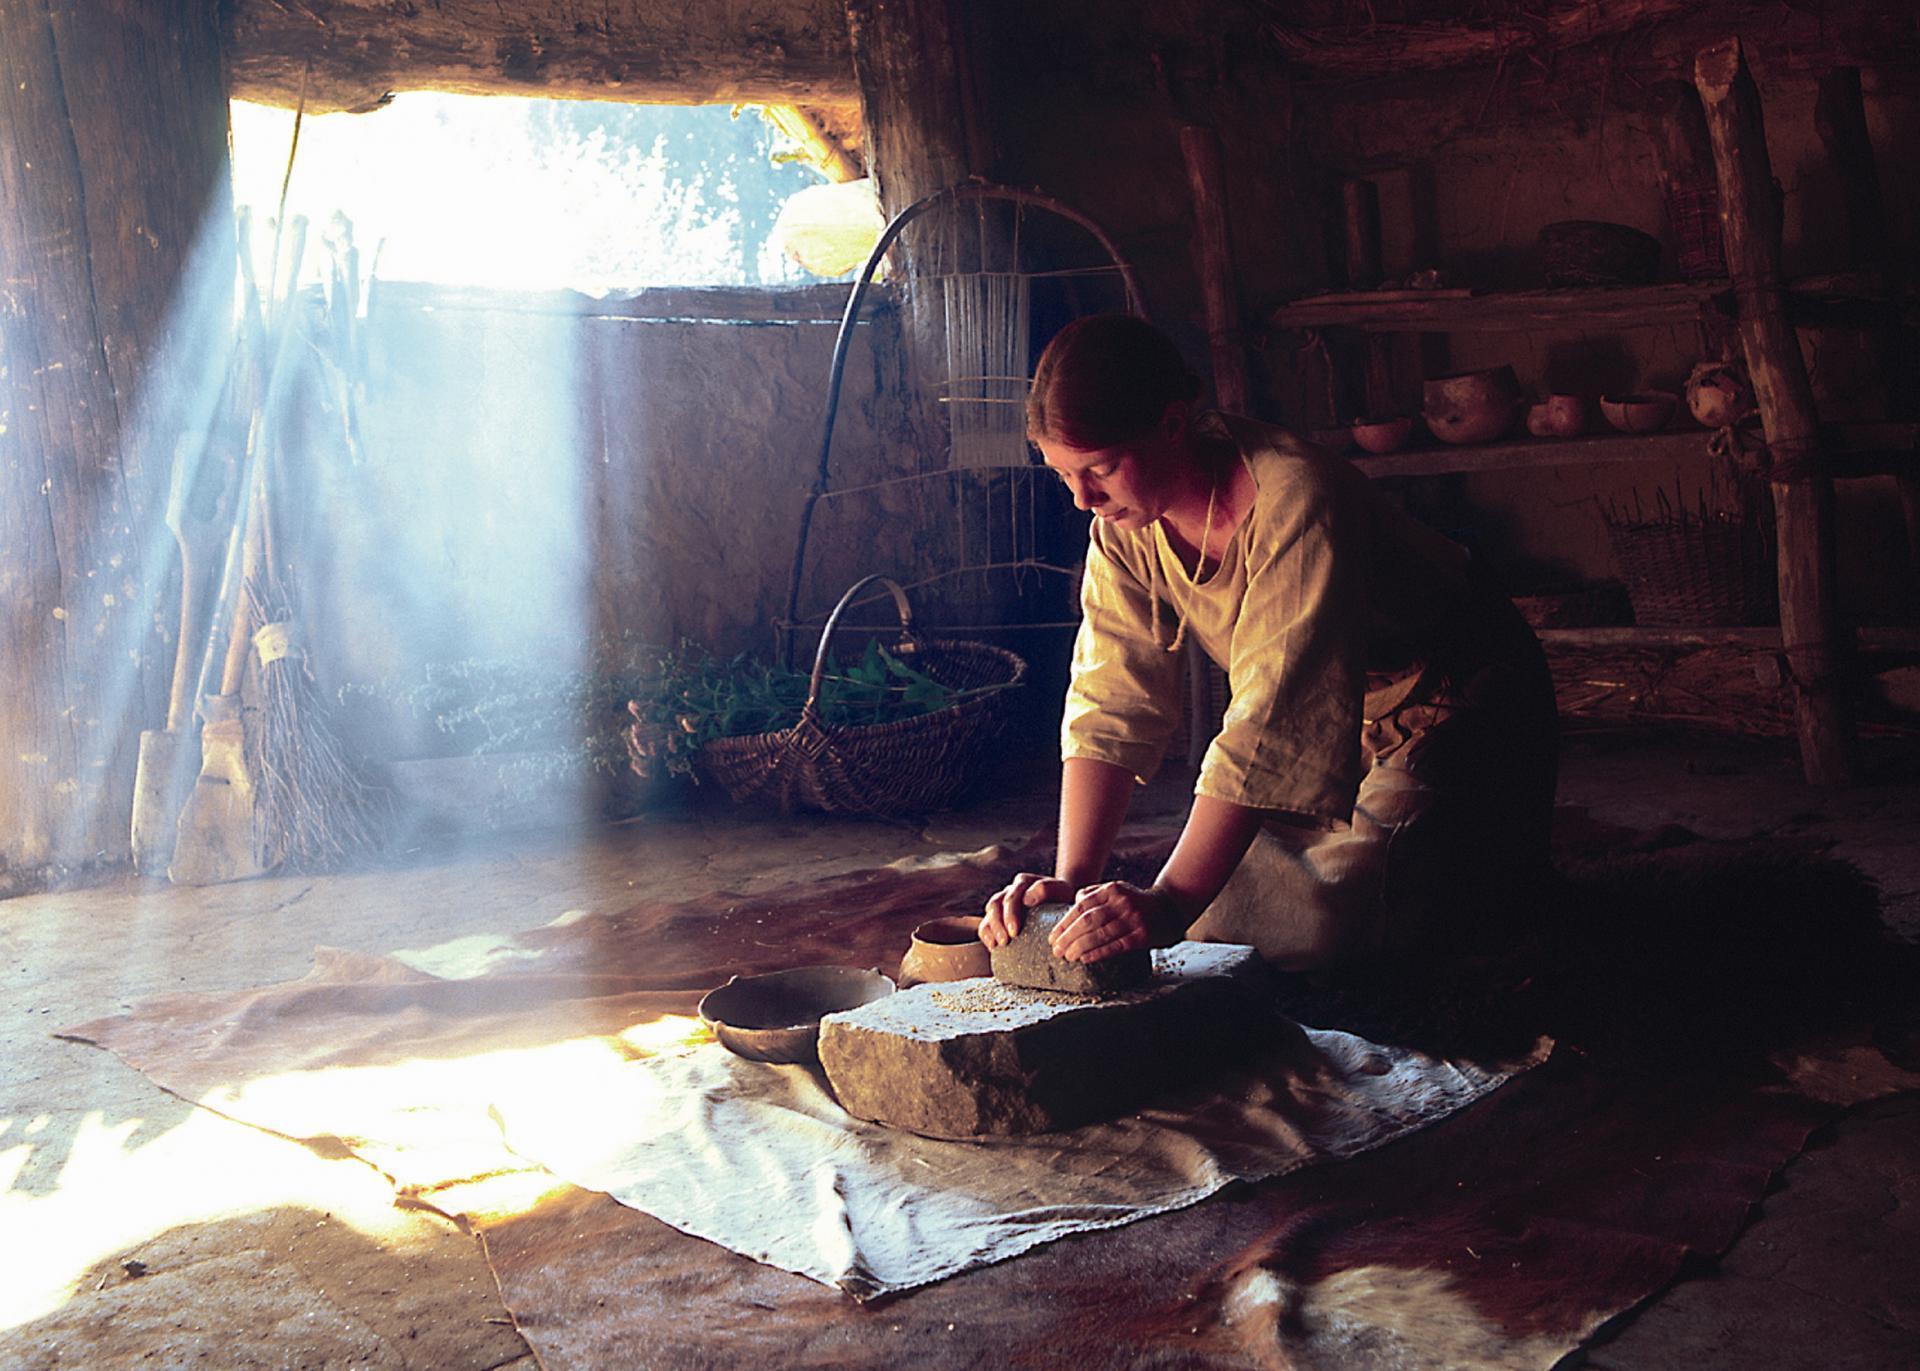 Museumvereniging Exarc stelt toekomst van archeologische openluchtmusea veilig